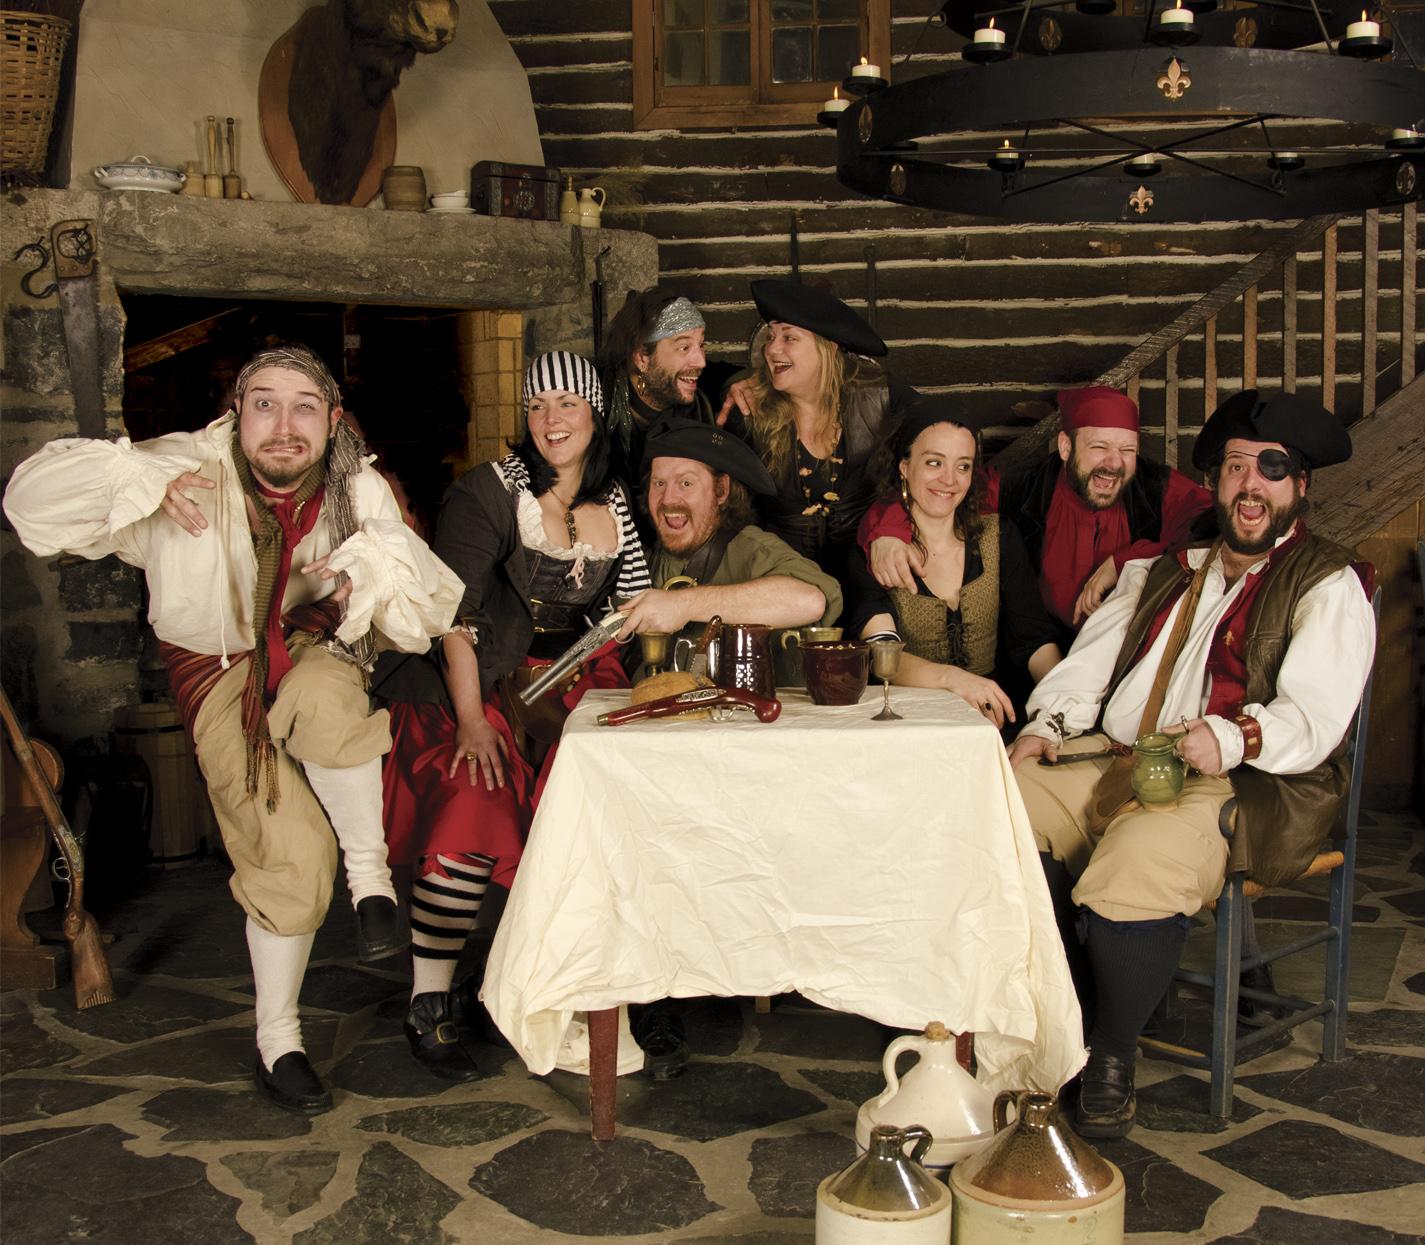 Restauration le cabaret du roy cuisine du terroir for Aix cuisine du terroir restaurant montreal